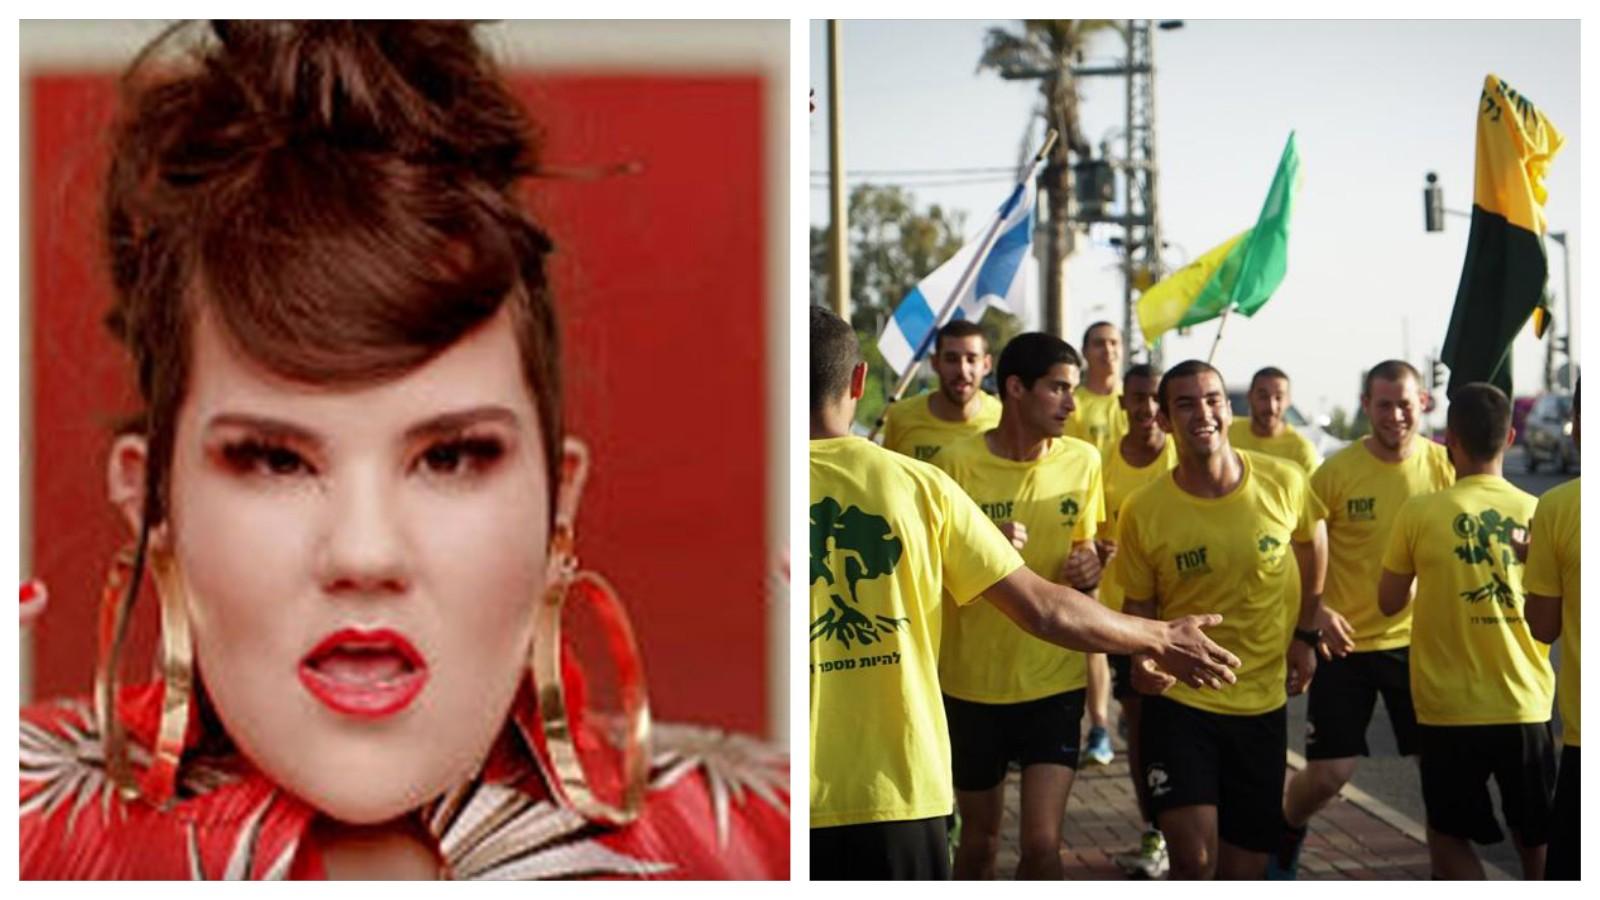 """מרוץ גולני בהרצליה בשנה שעברה, נטע ברזילי צילום: דובר צה""""ל, ערוץ היוטיוב של Eurovision Song Contest"""